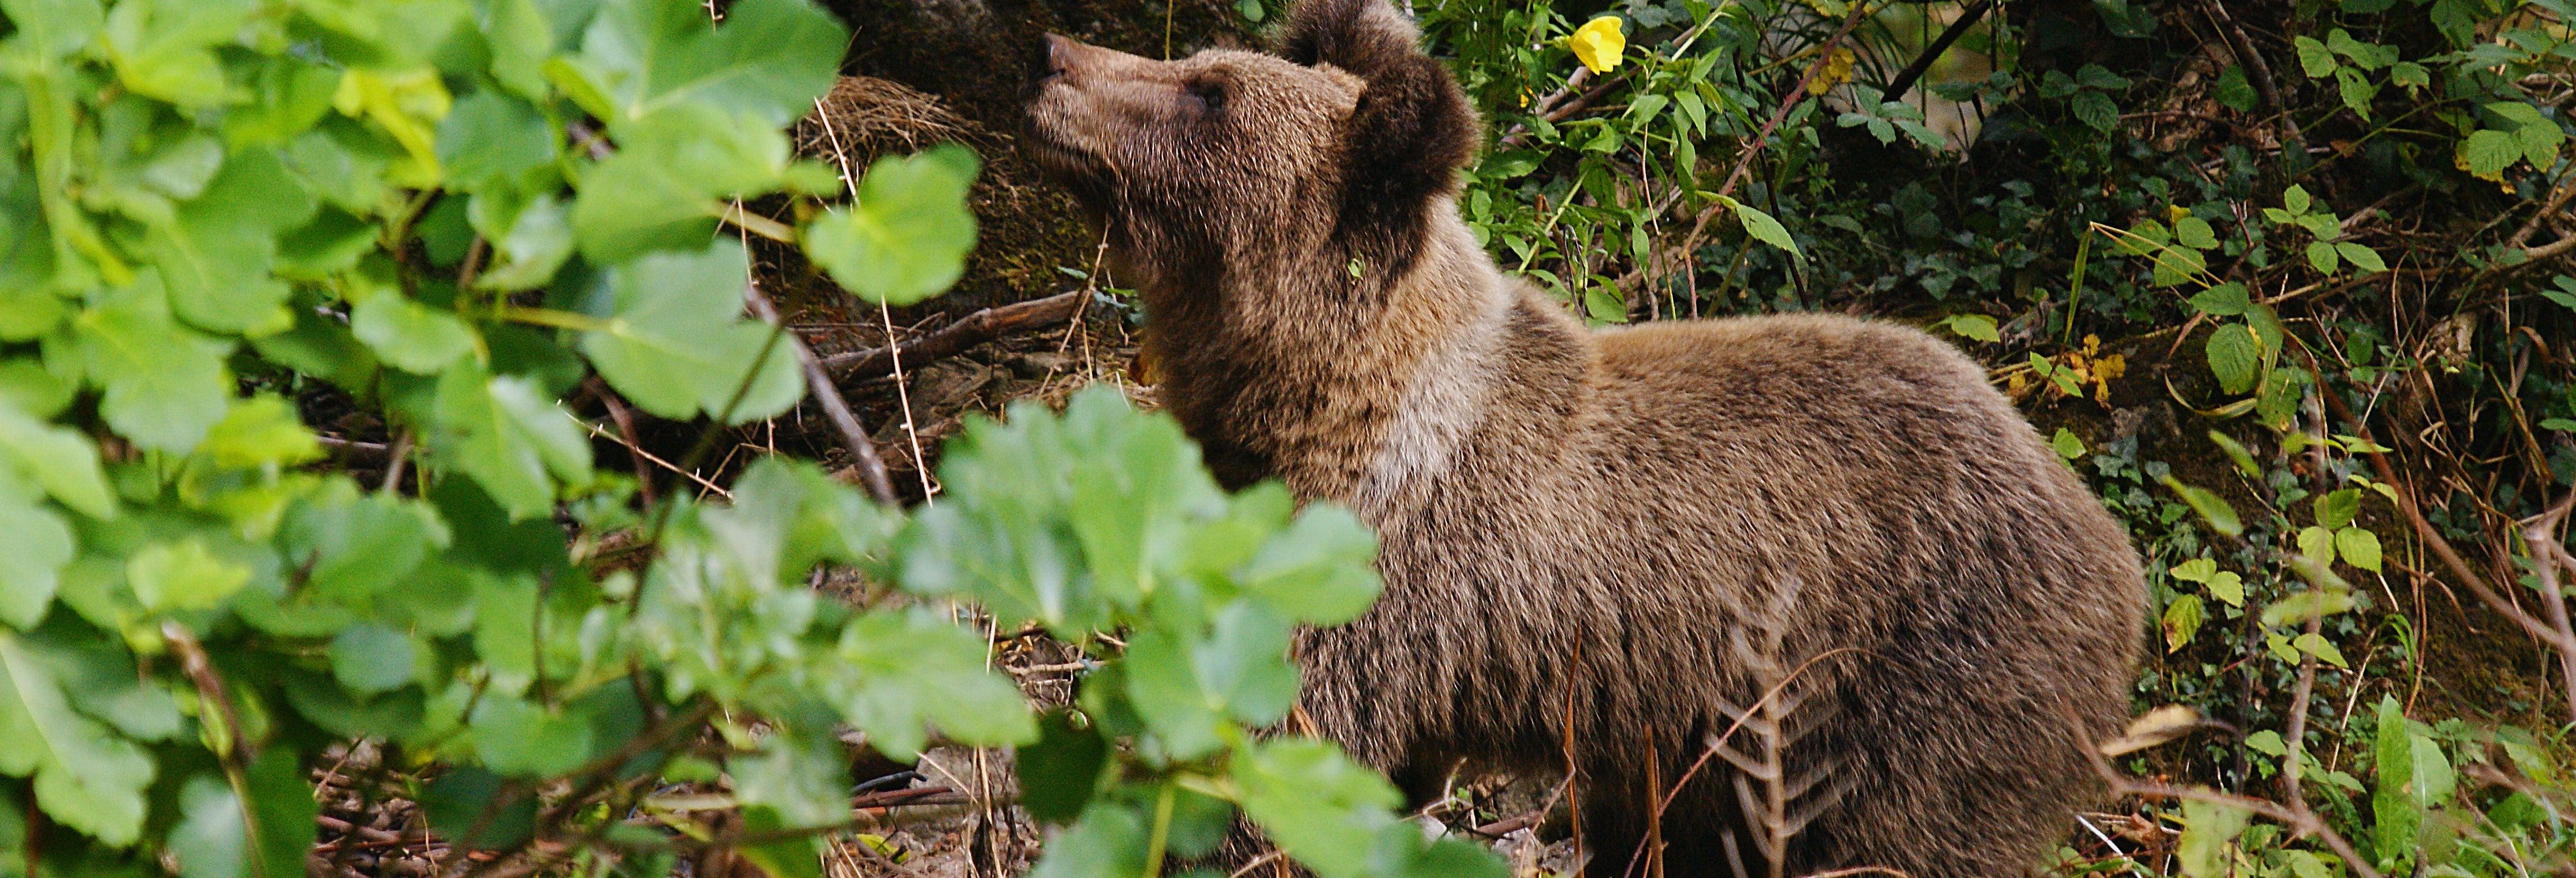 Cantabrian Brown Bear Sighting